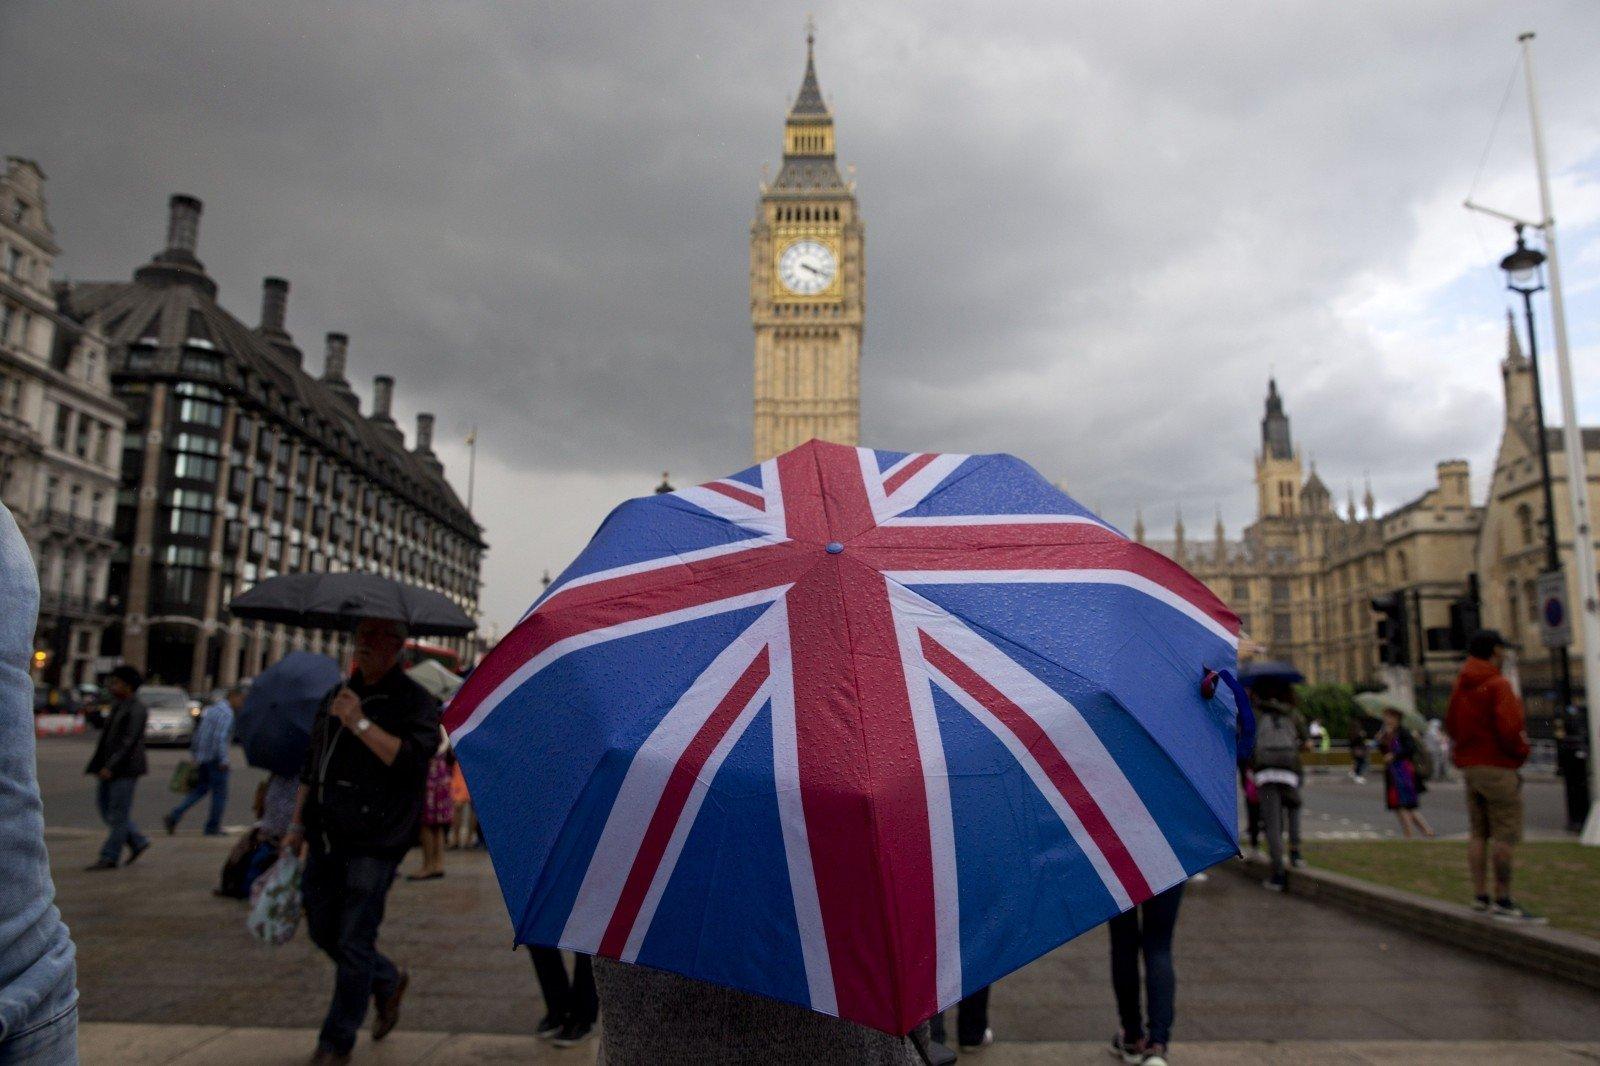 Британия после ухода решила наладить «свободную торговлю» с ЕС